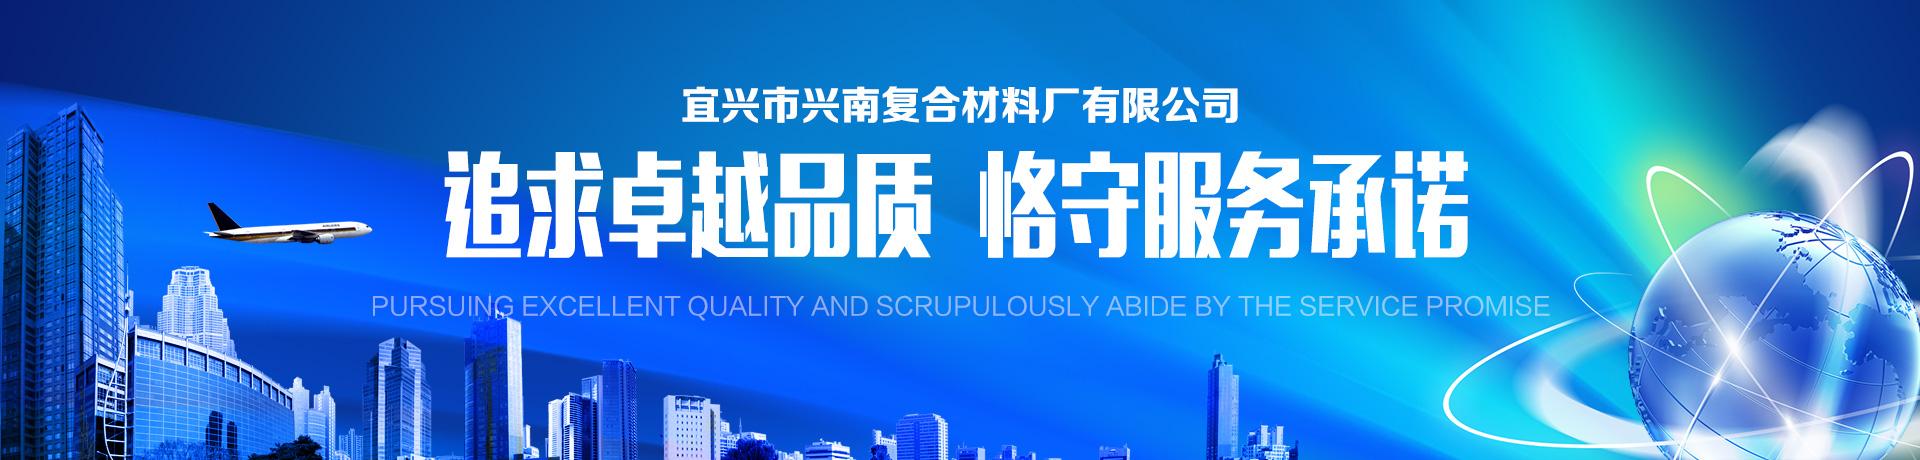 宜兴市兴南复合材料厂有限公司